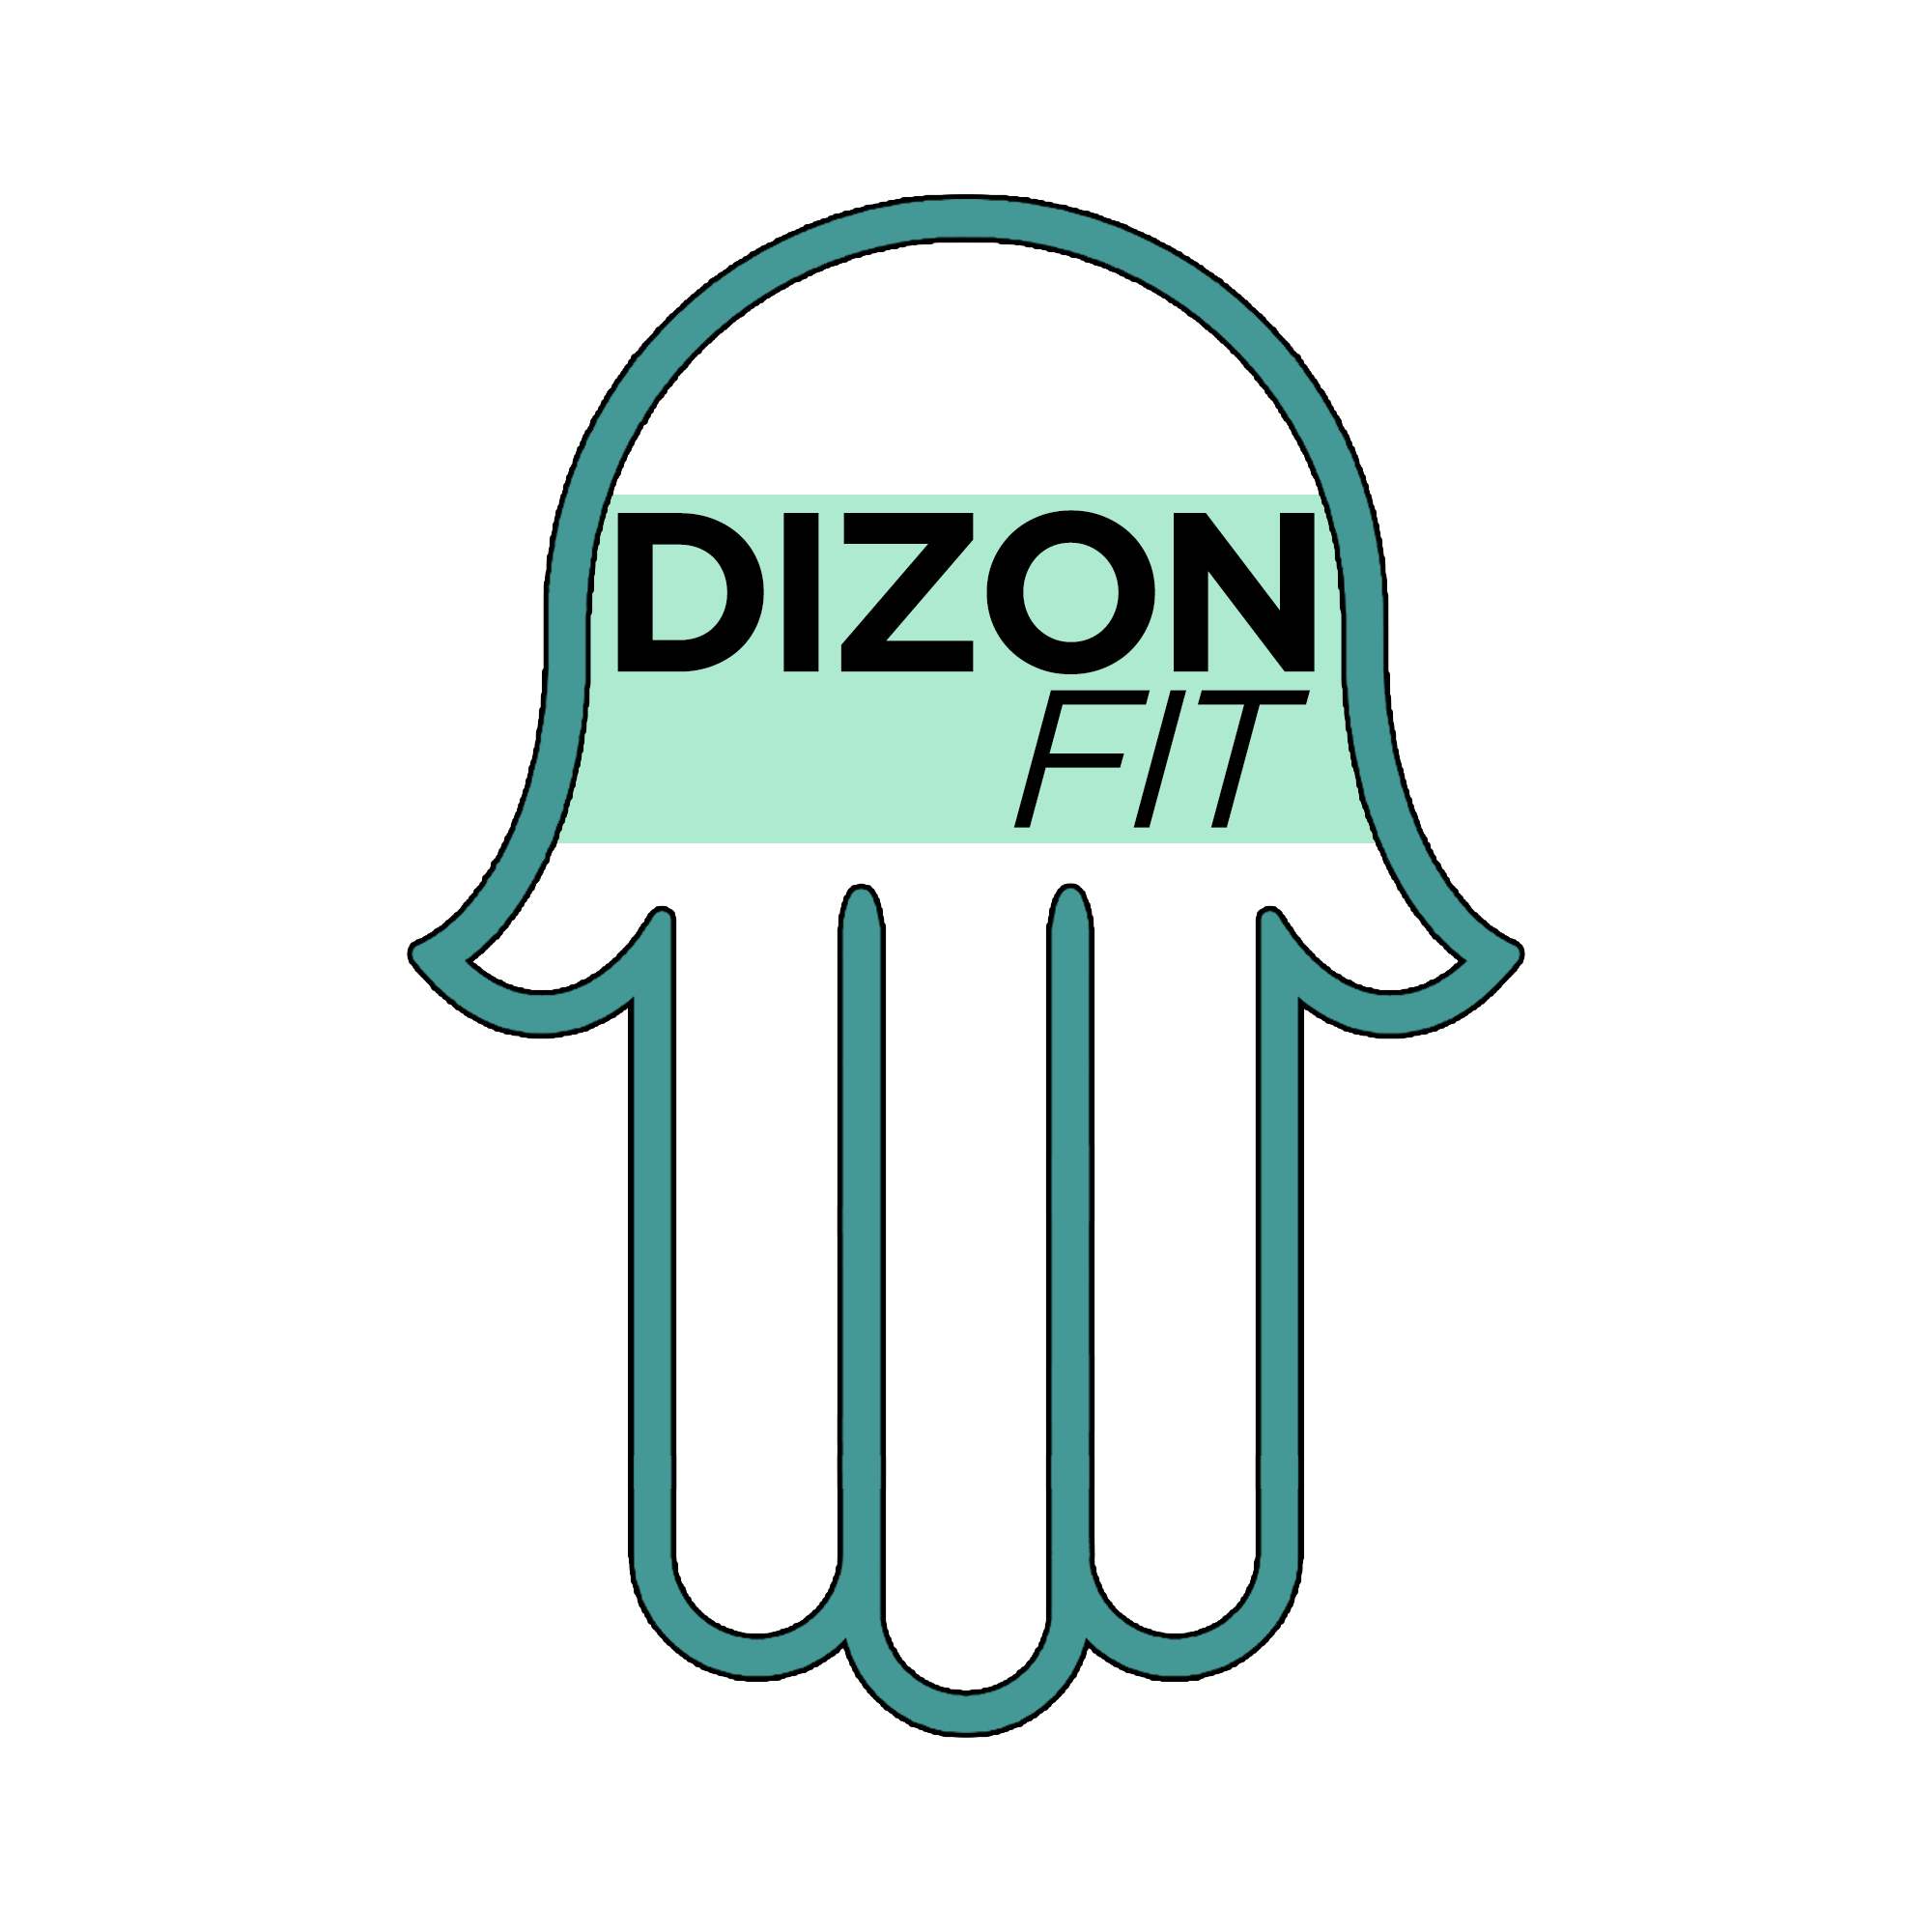 Dizon